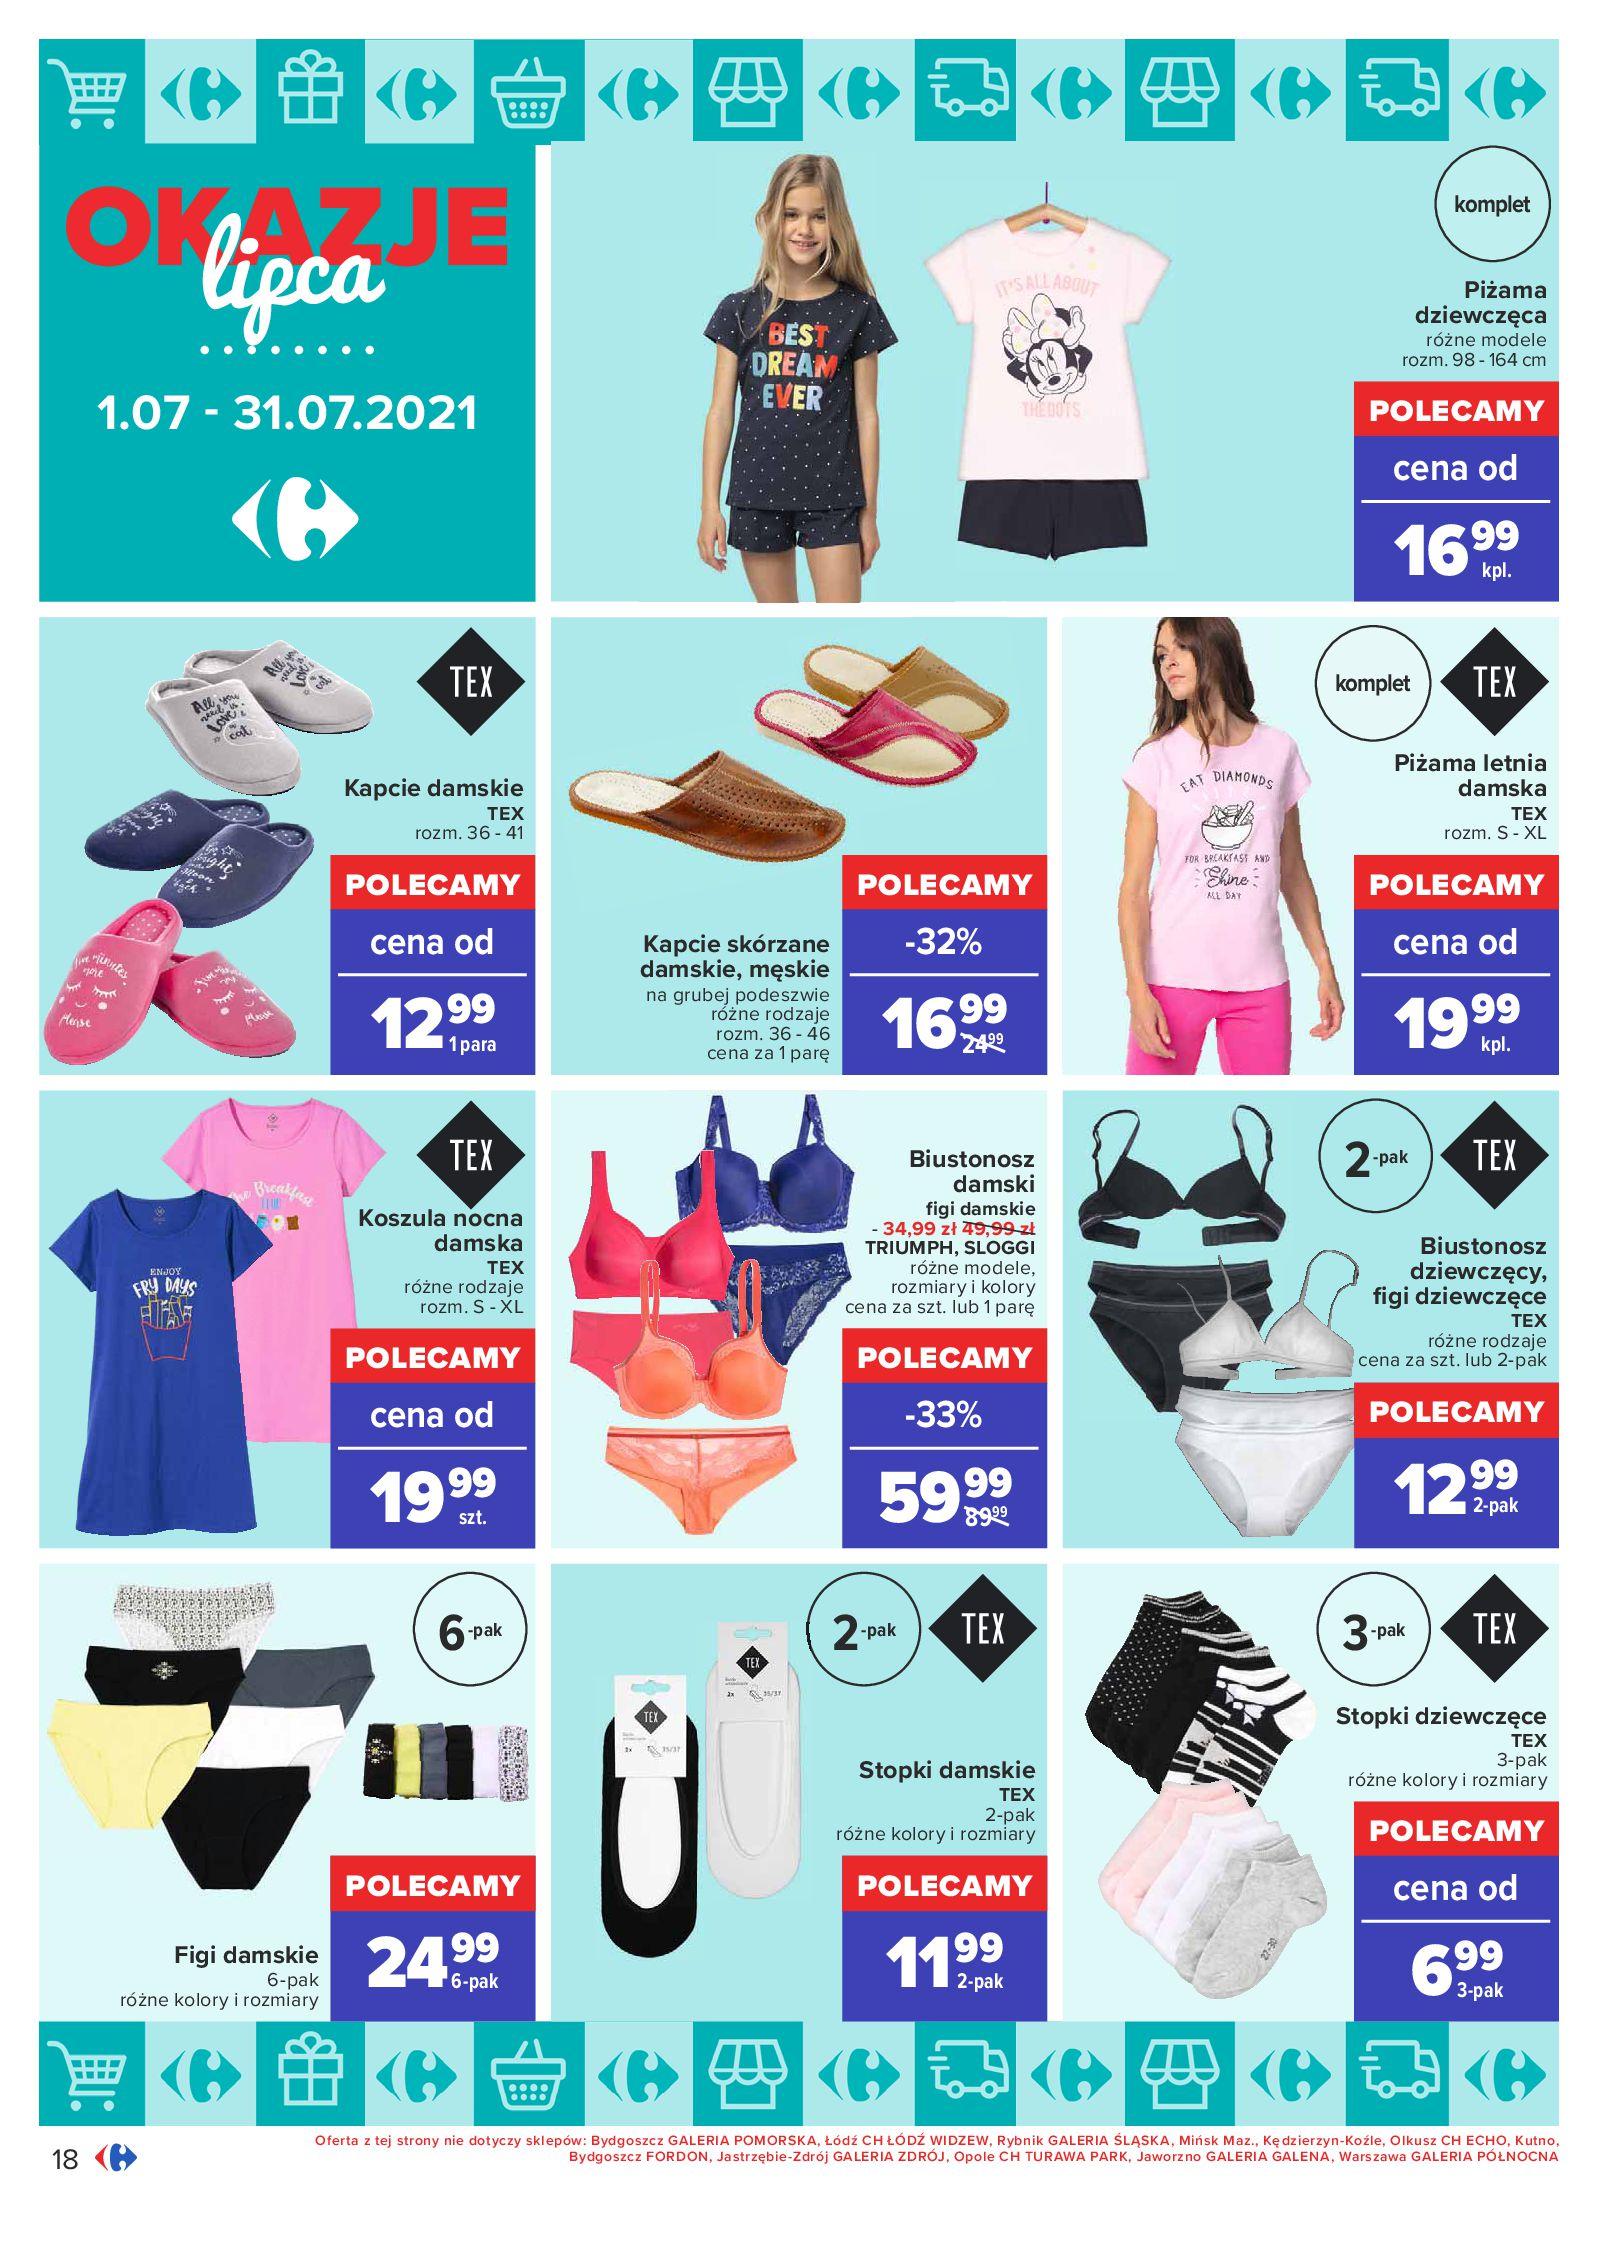 Gazetka Carrefour: Gazetka Carrefour - Okazje lipca 2021-07-01 page-18